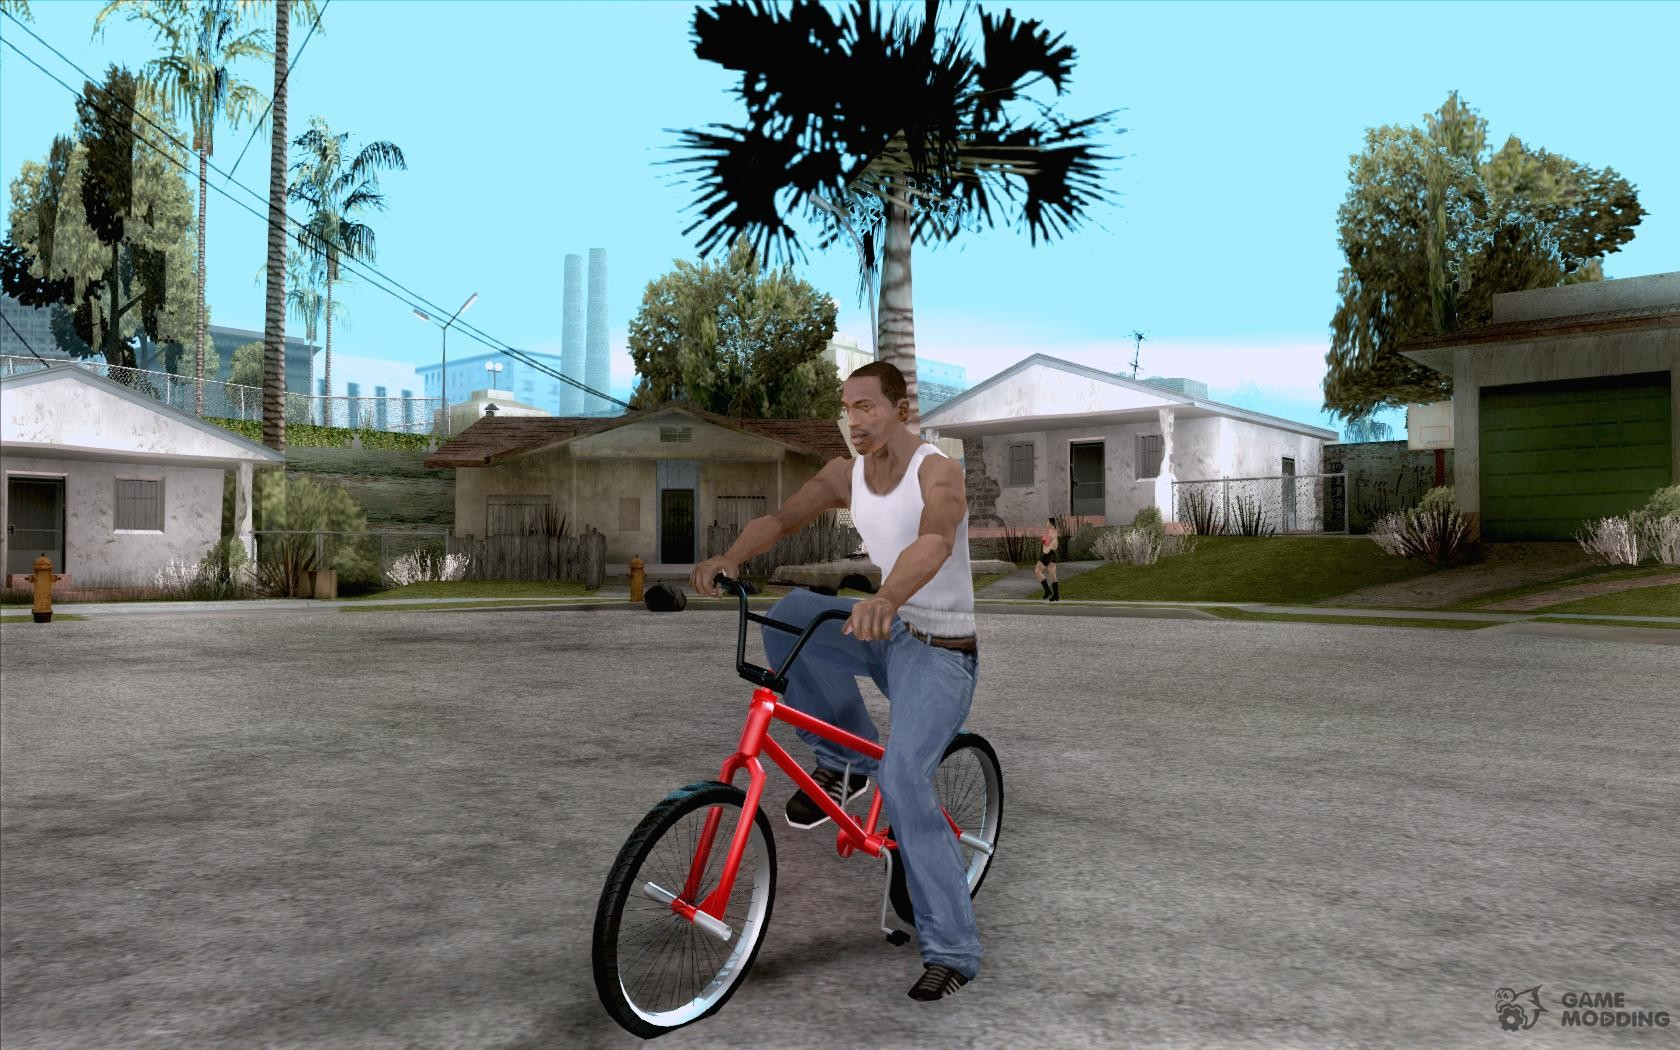 Теперь в bmx парке, ездят люди на разных велосипедах